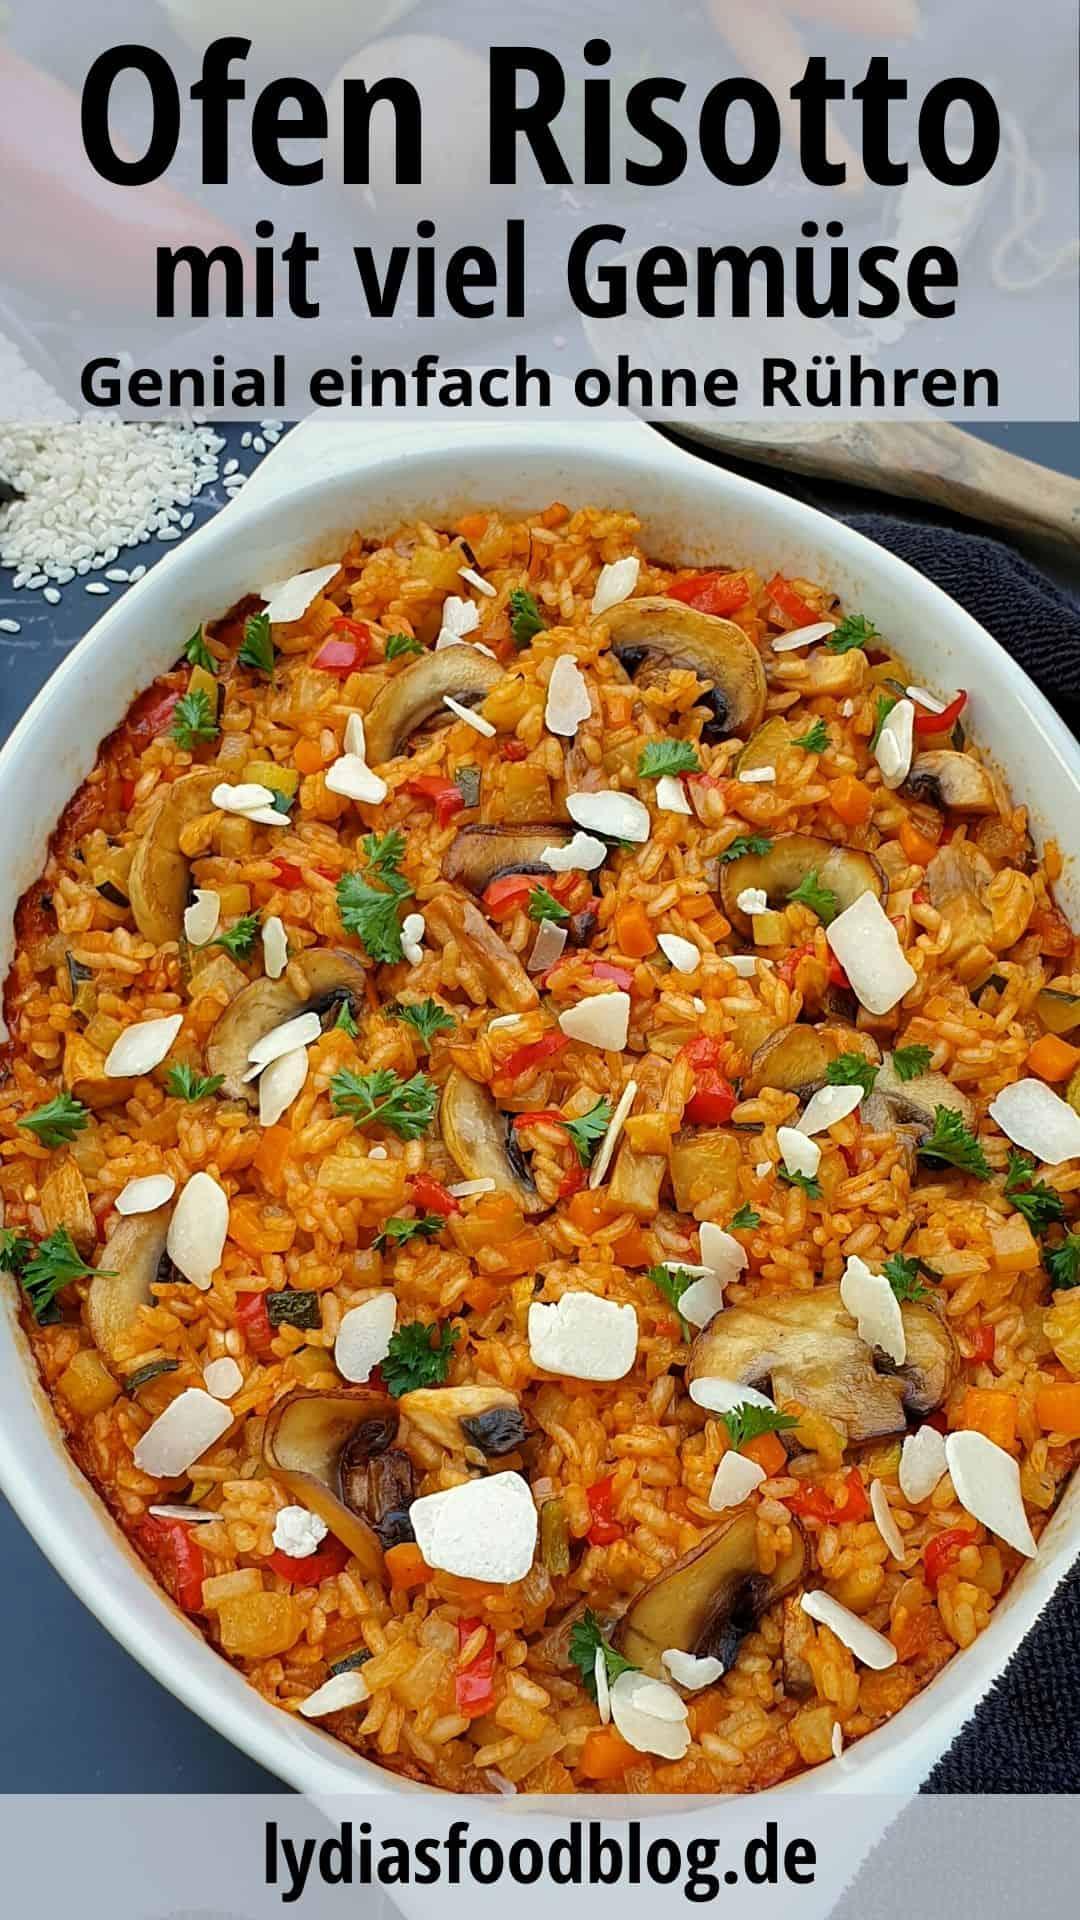 Risotto aus dem Ofen in einer weißen Auflaufform mit Petersilie und gehobeltem Parmesan bestreut.